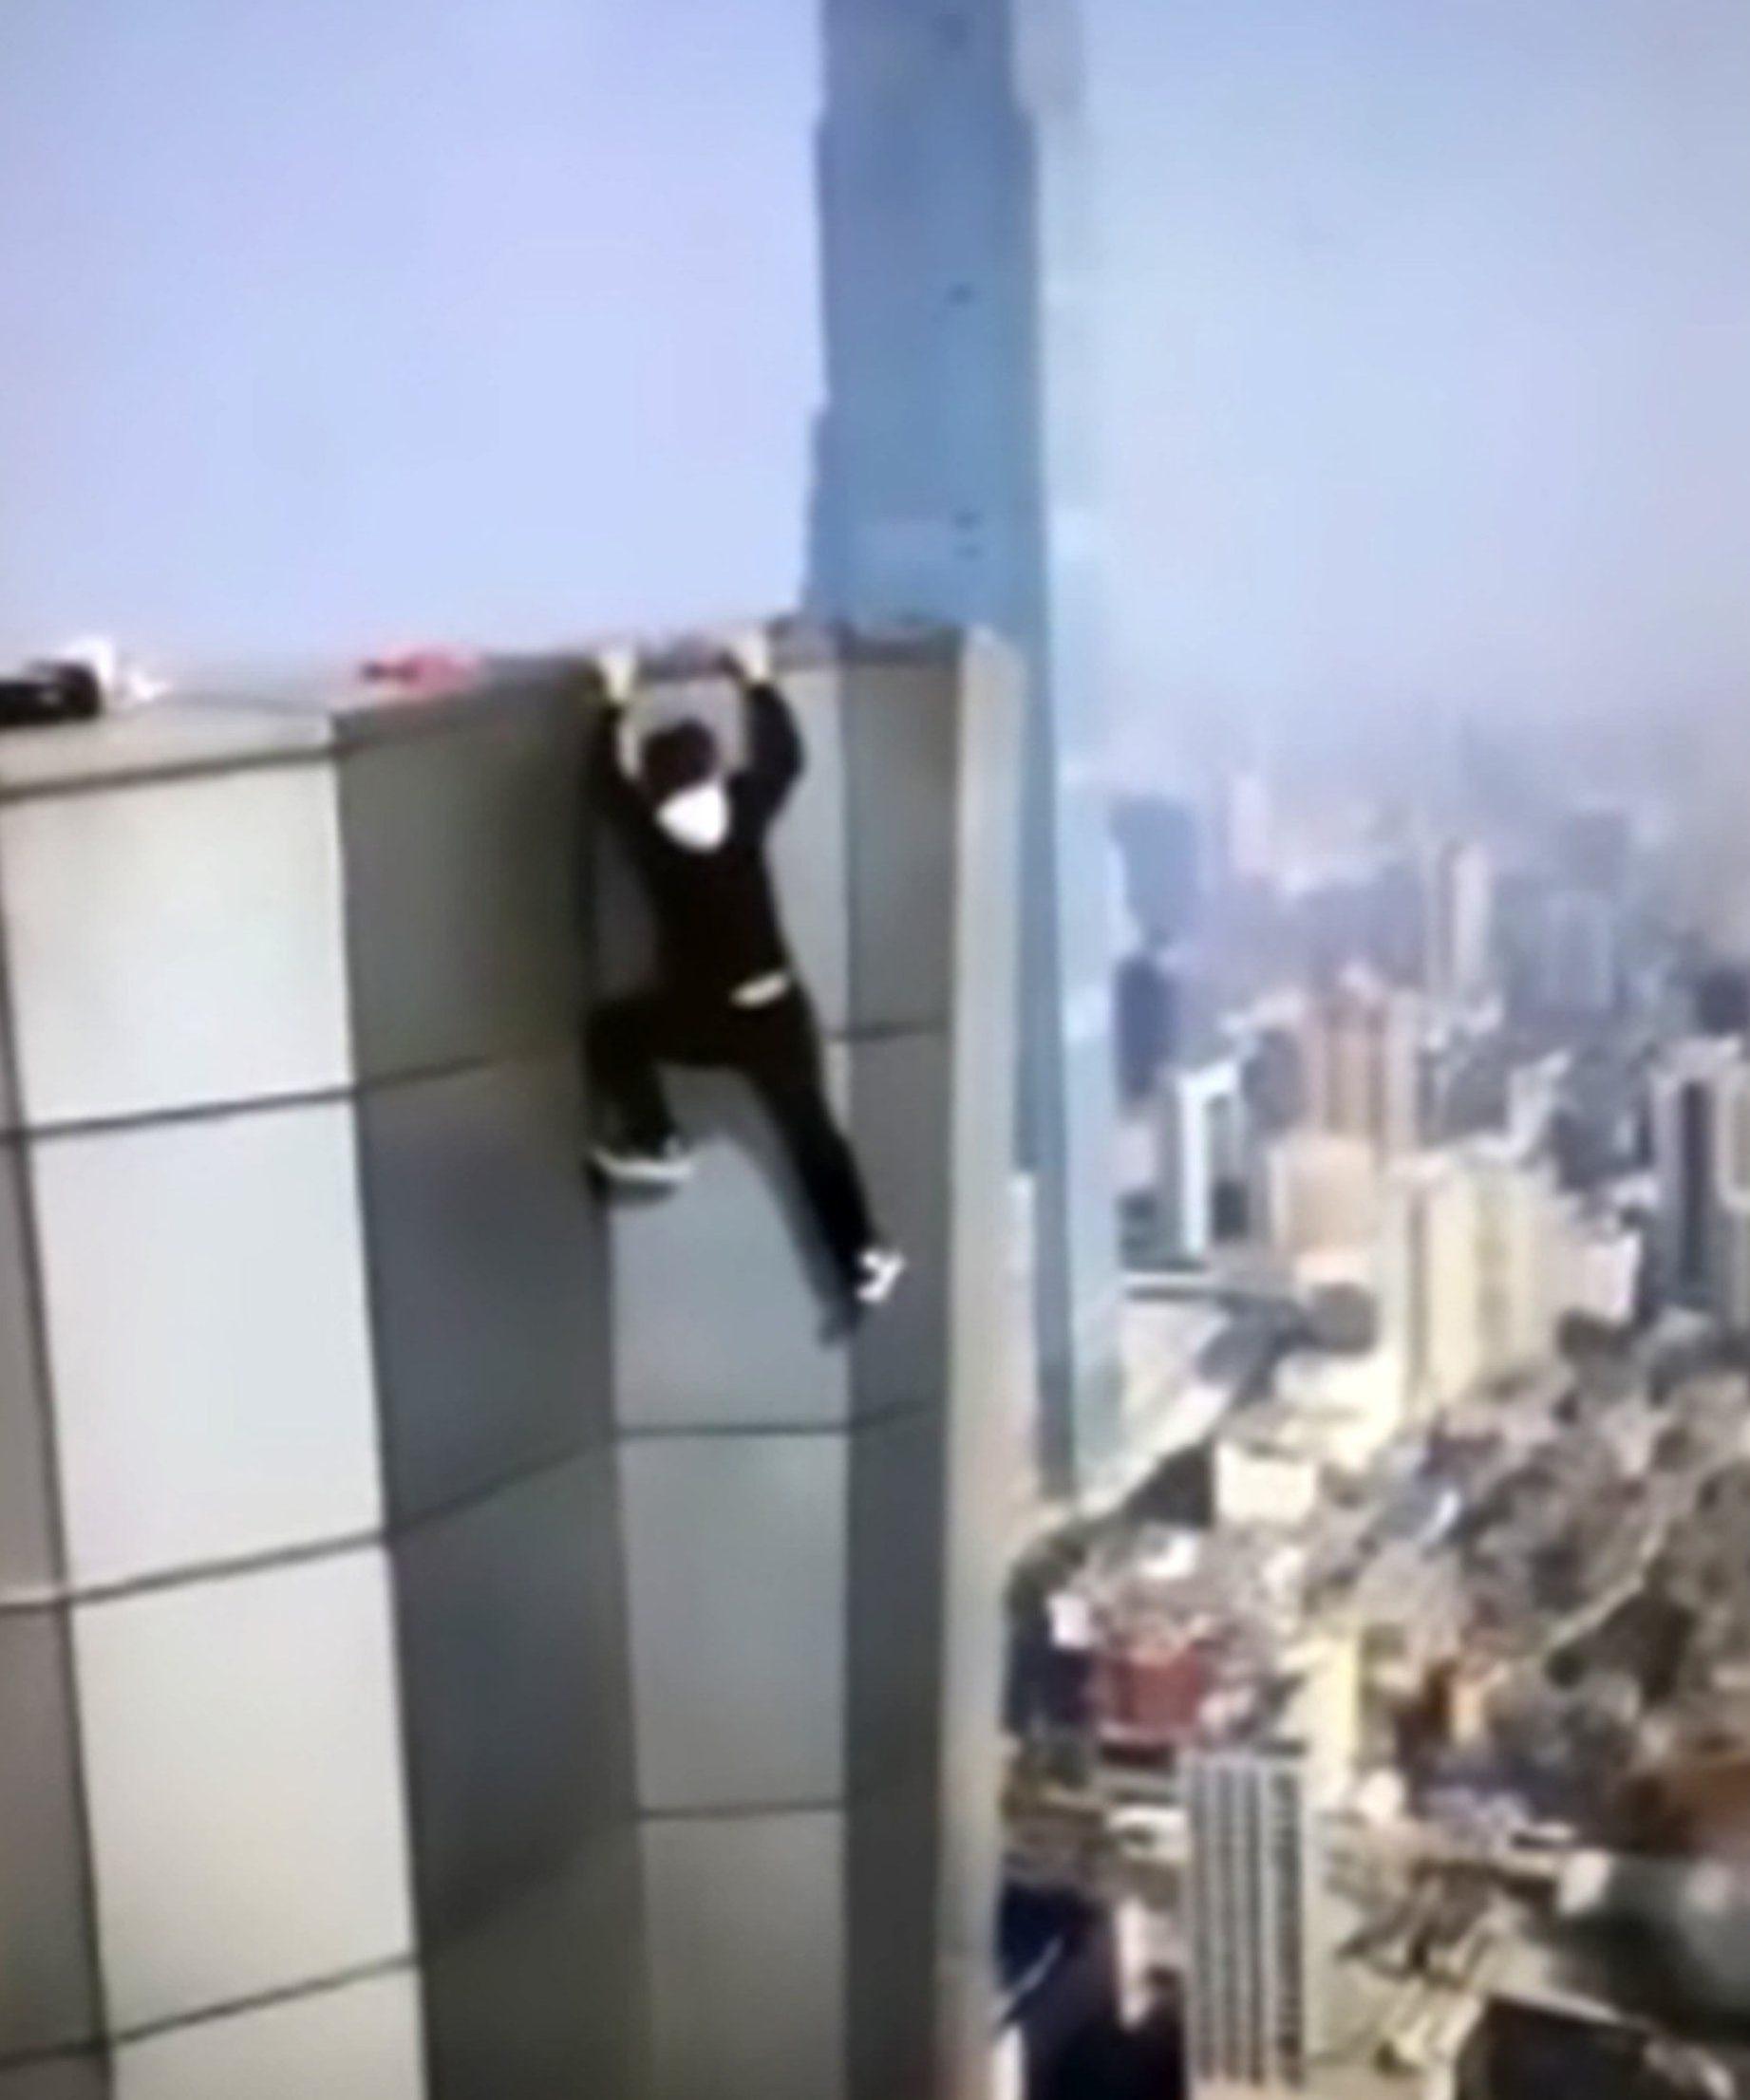 影/網紅爬62樓「引體向上」耗盡體力 「掙扎20秒」手鬆開